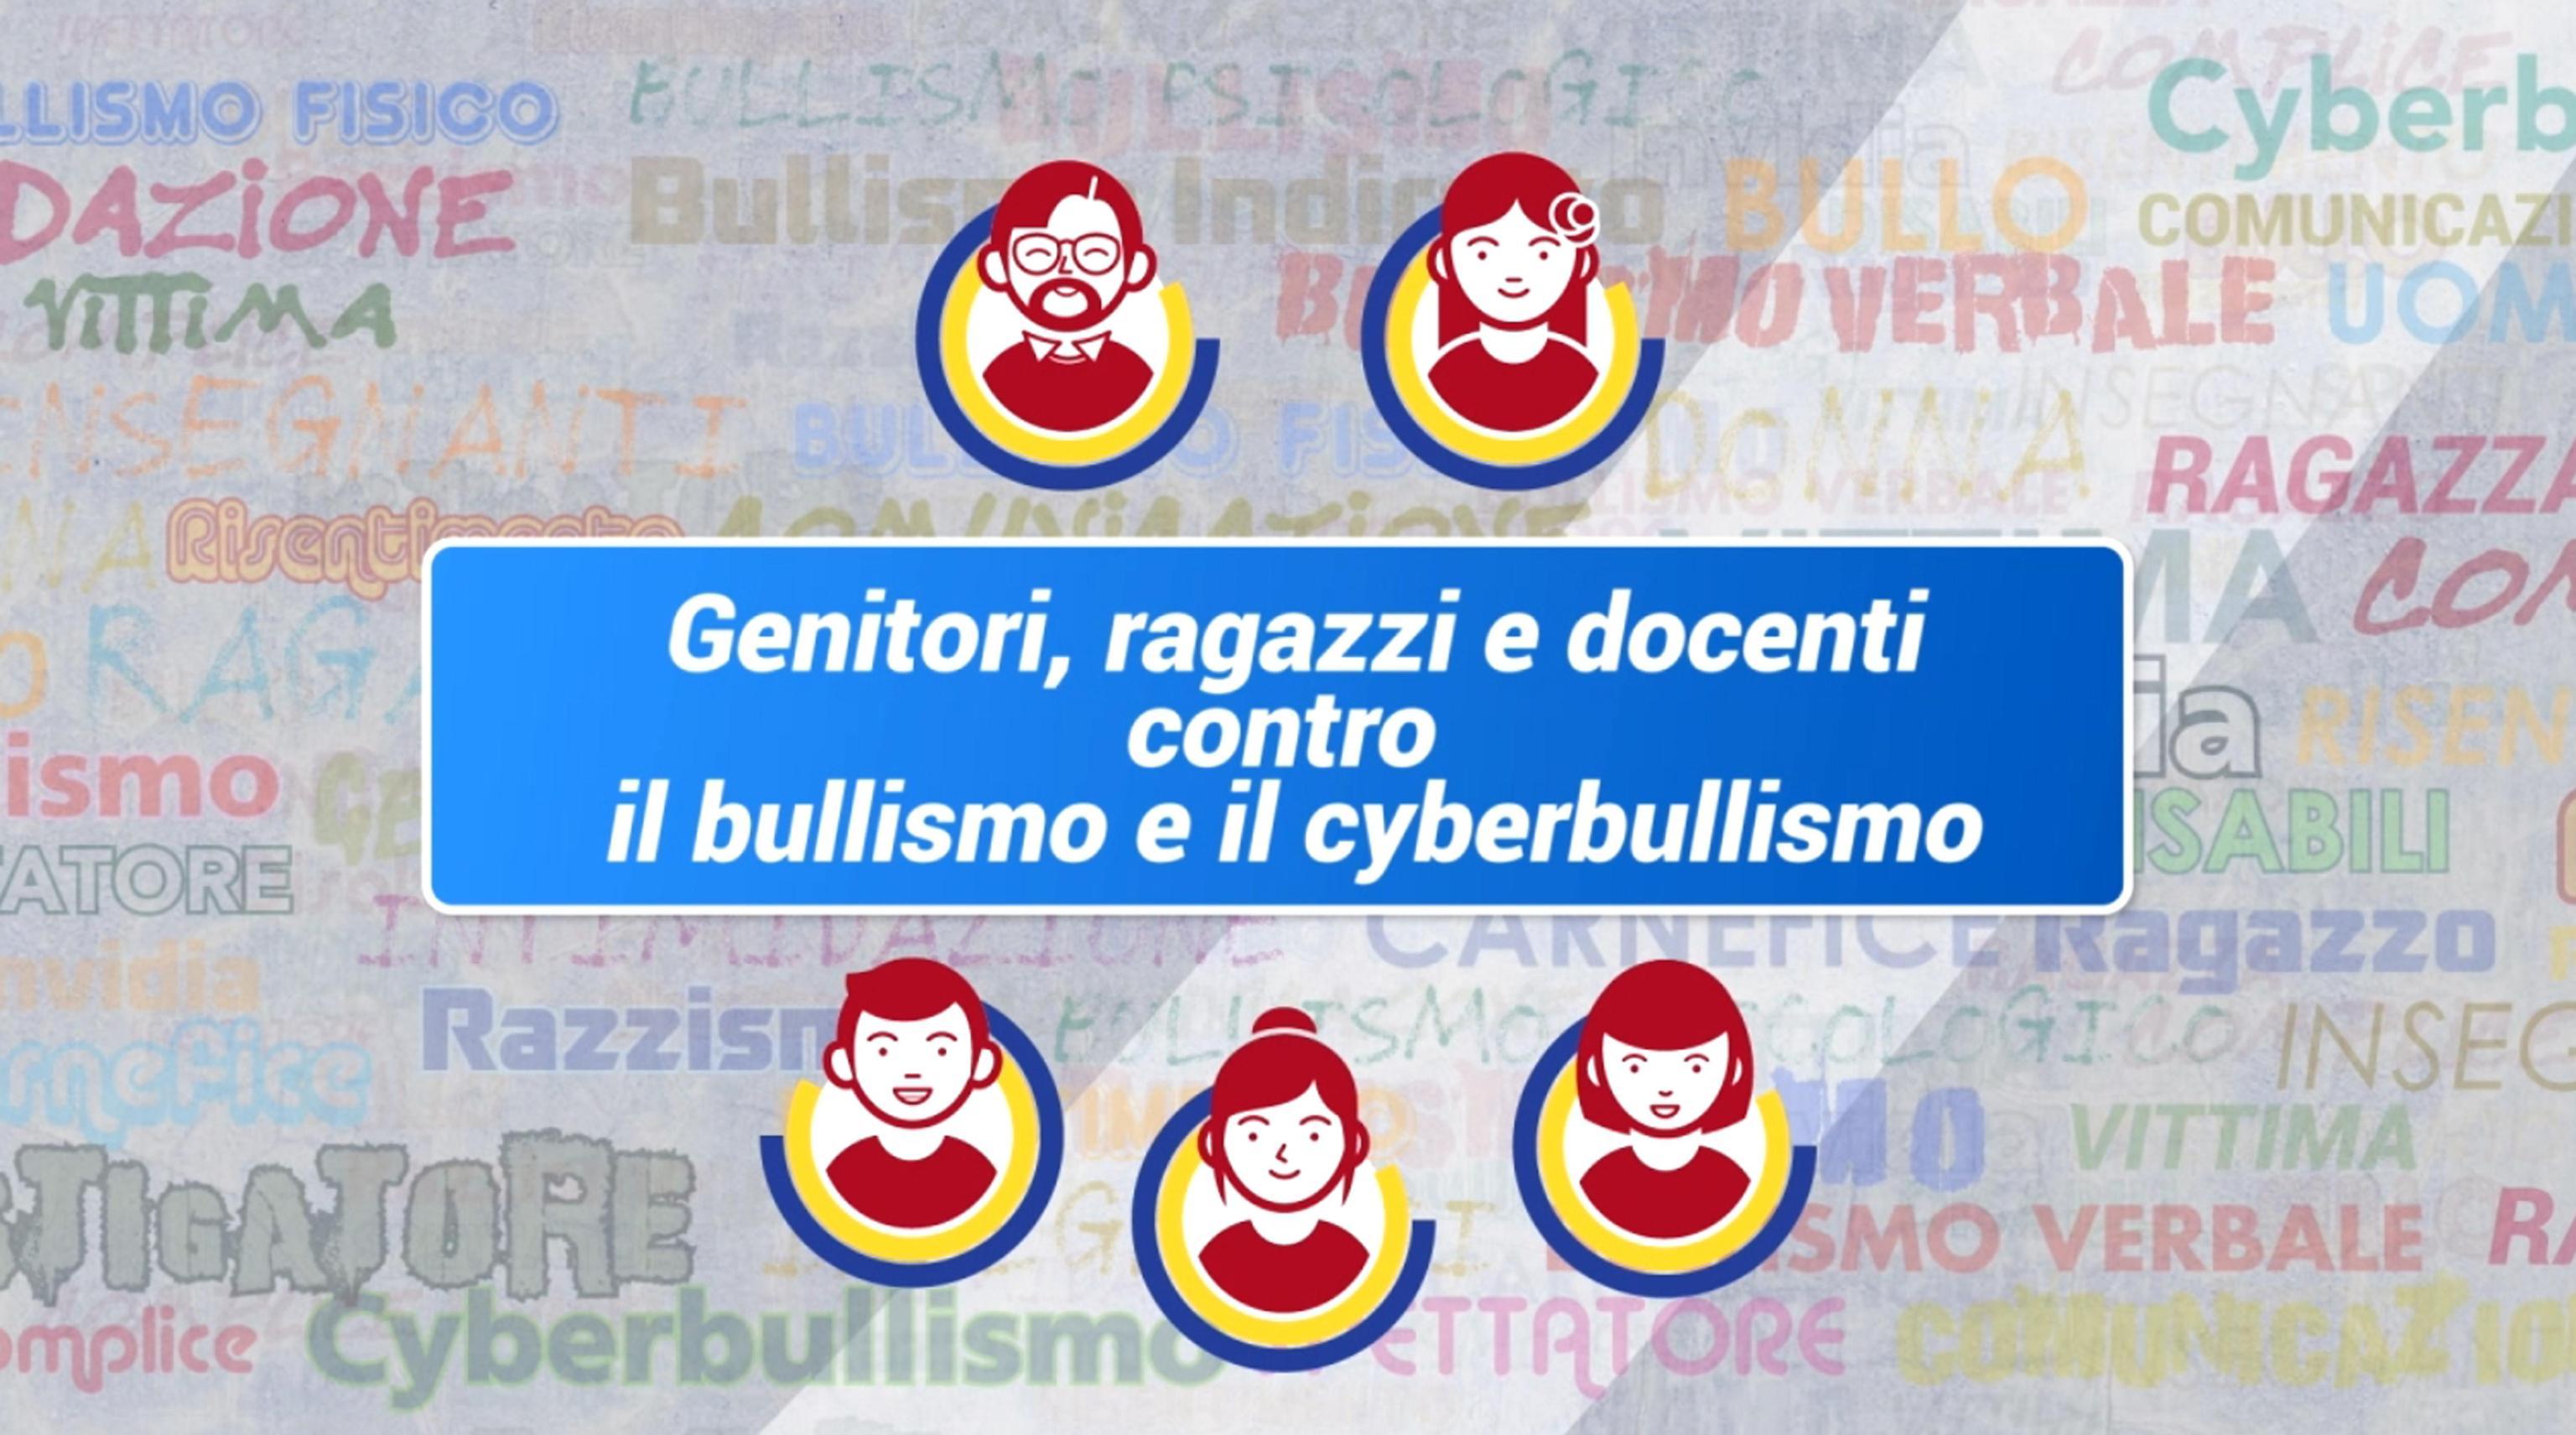 Cyberbullismo: studenti ambasciatori nelle scuole, il progetto del Moige